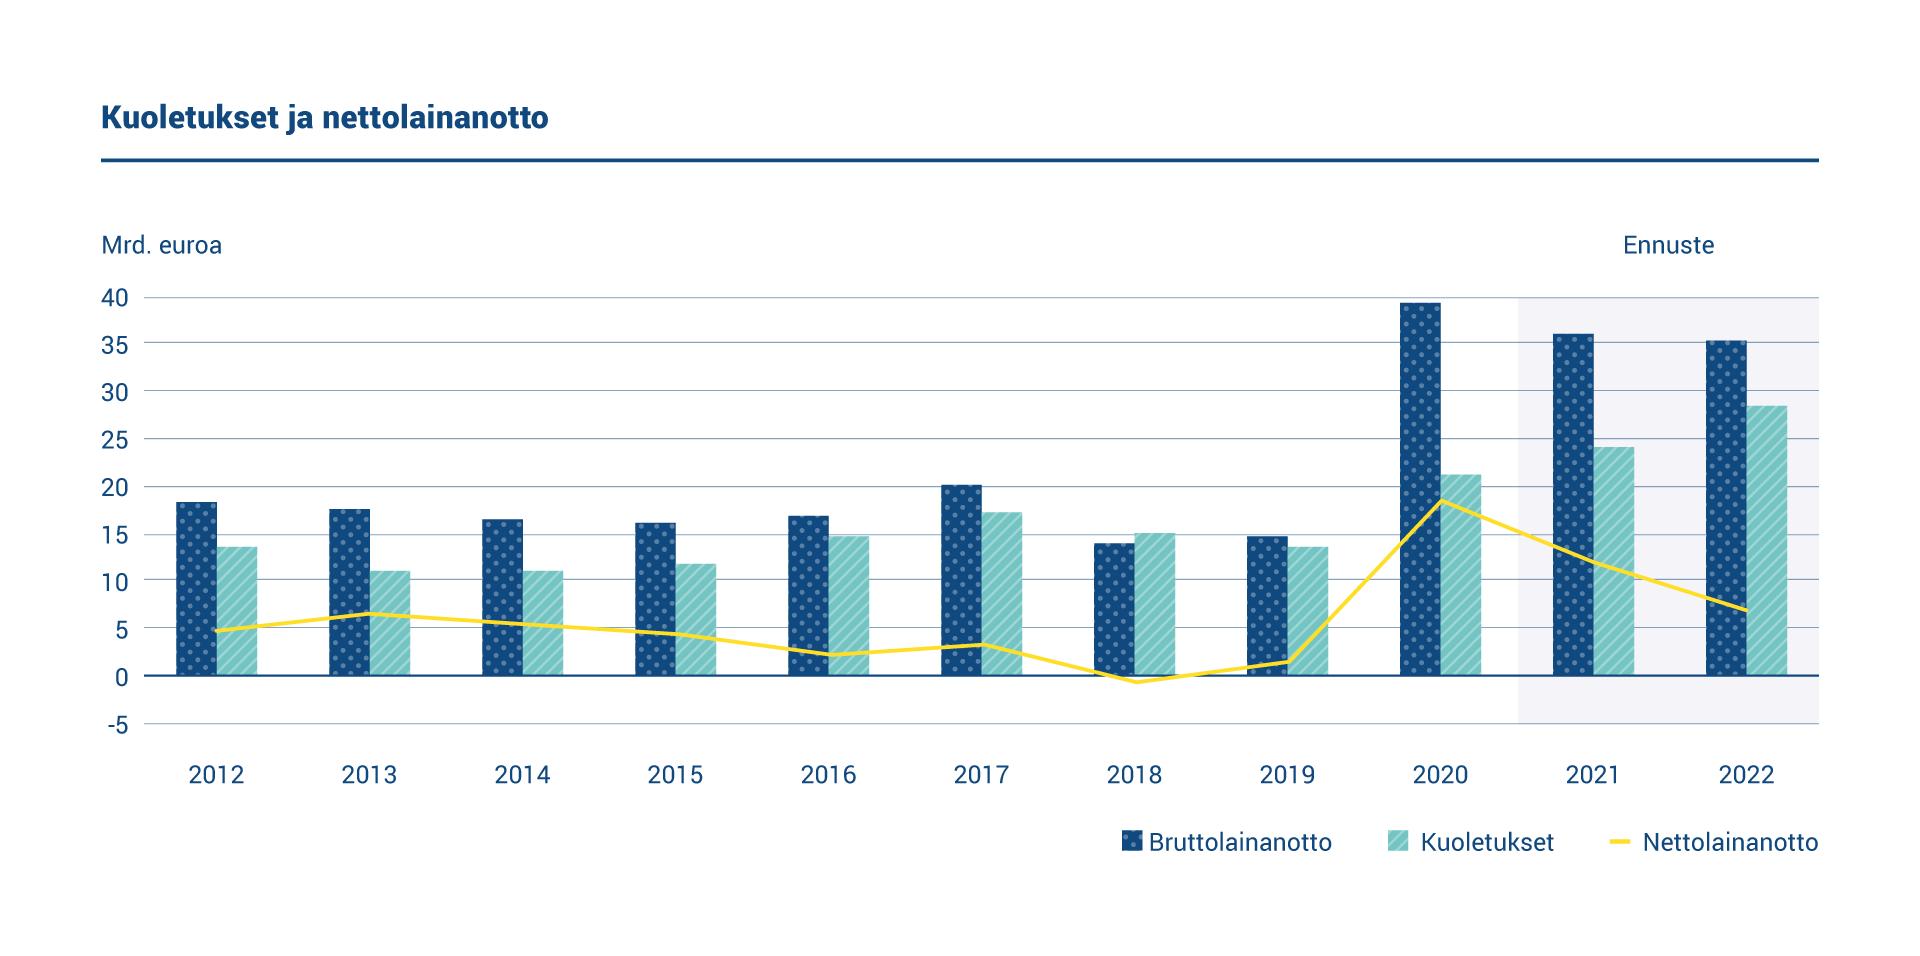 Kaaviossa esitetään vuosittainen bruttolainanotto, kuoletukset ja nettolainanotto vuosina 2012–2022. Kuoletuksia oli 21 miljardin euron edestä ja nettolainanoton määrä oli 18,32 miljardia euroa vuonna 2020.